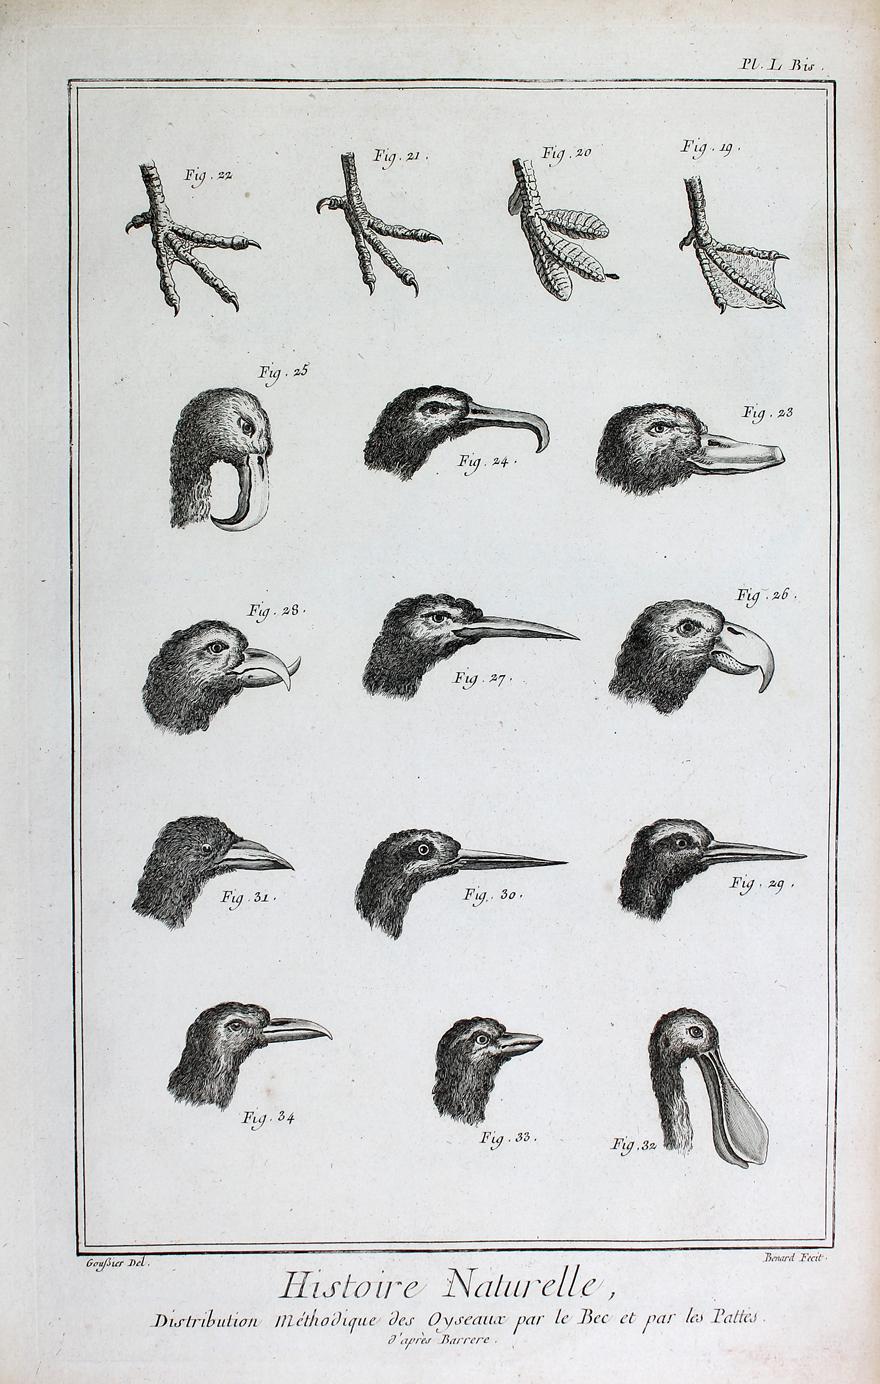 Berühmt Männlich Vogel Anatomie Galerie - Menschliche Anatomie ...